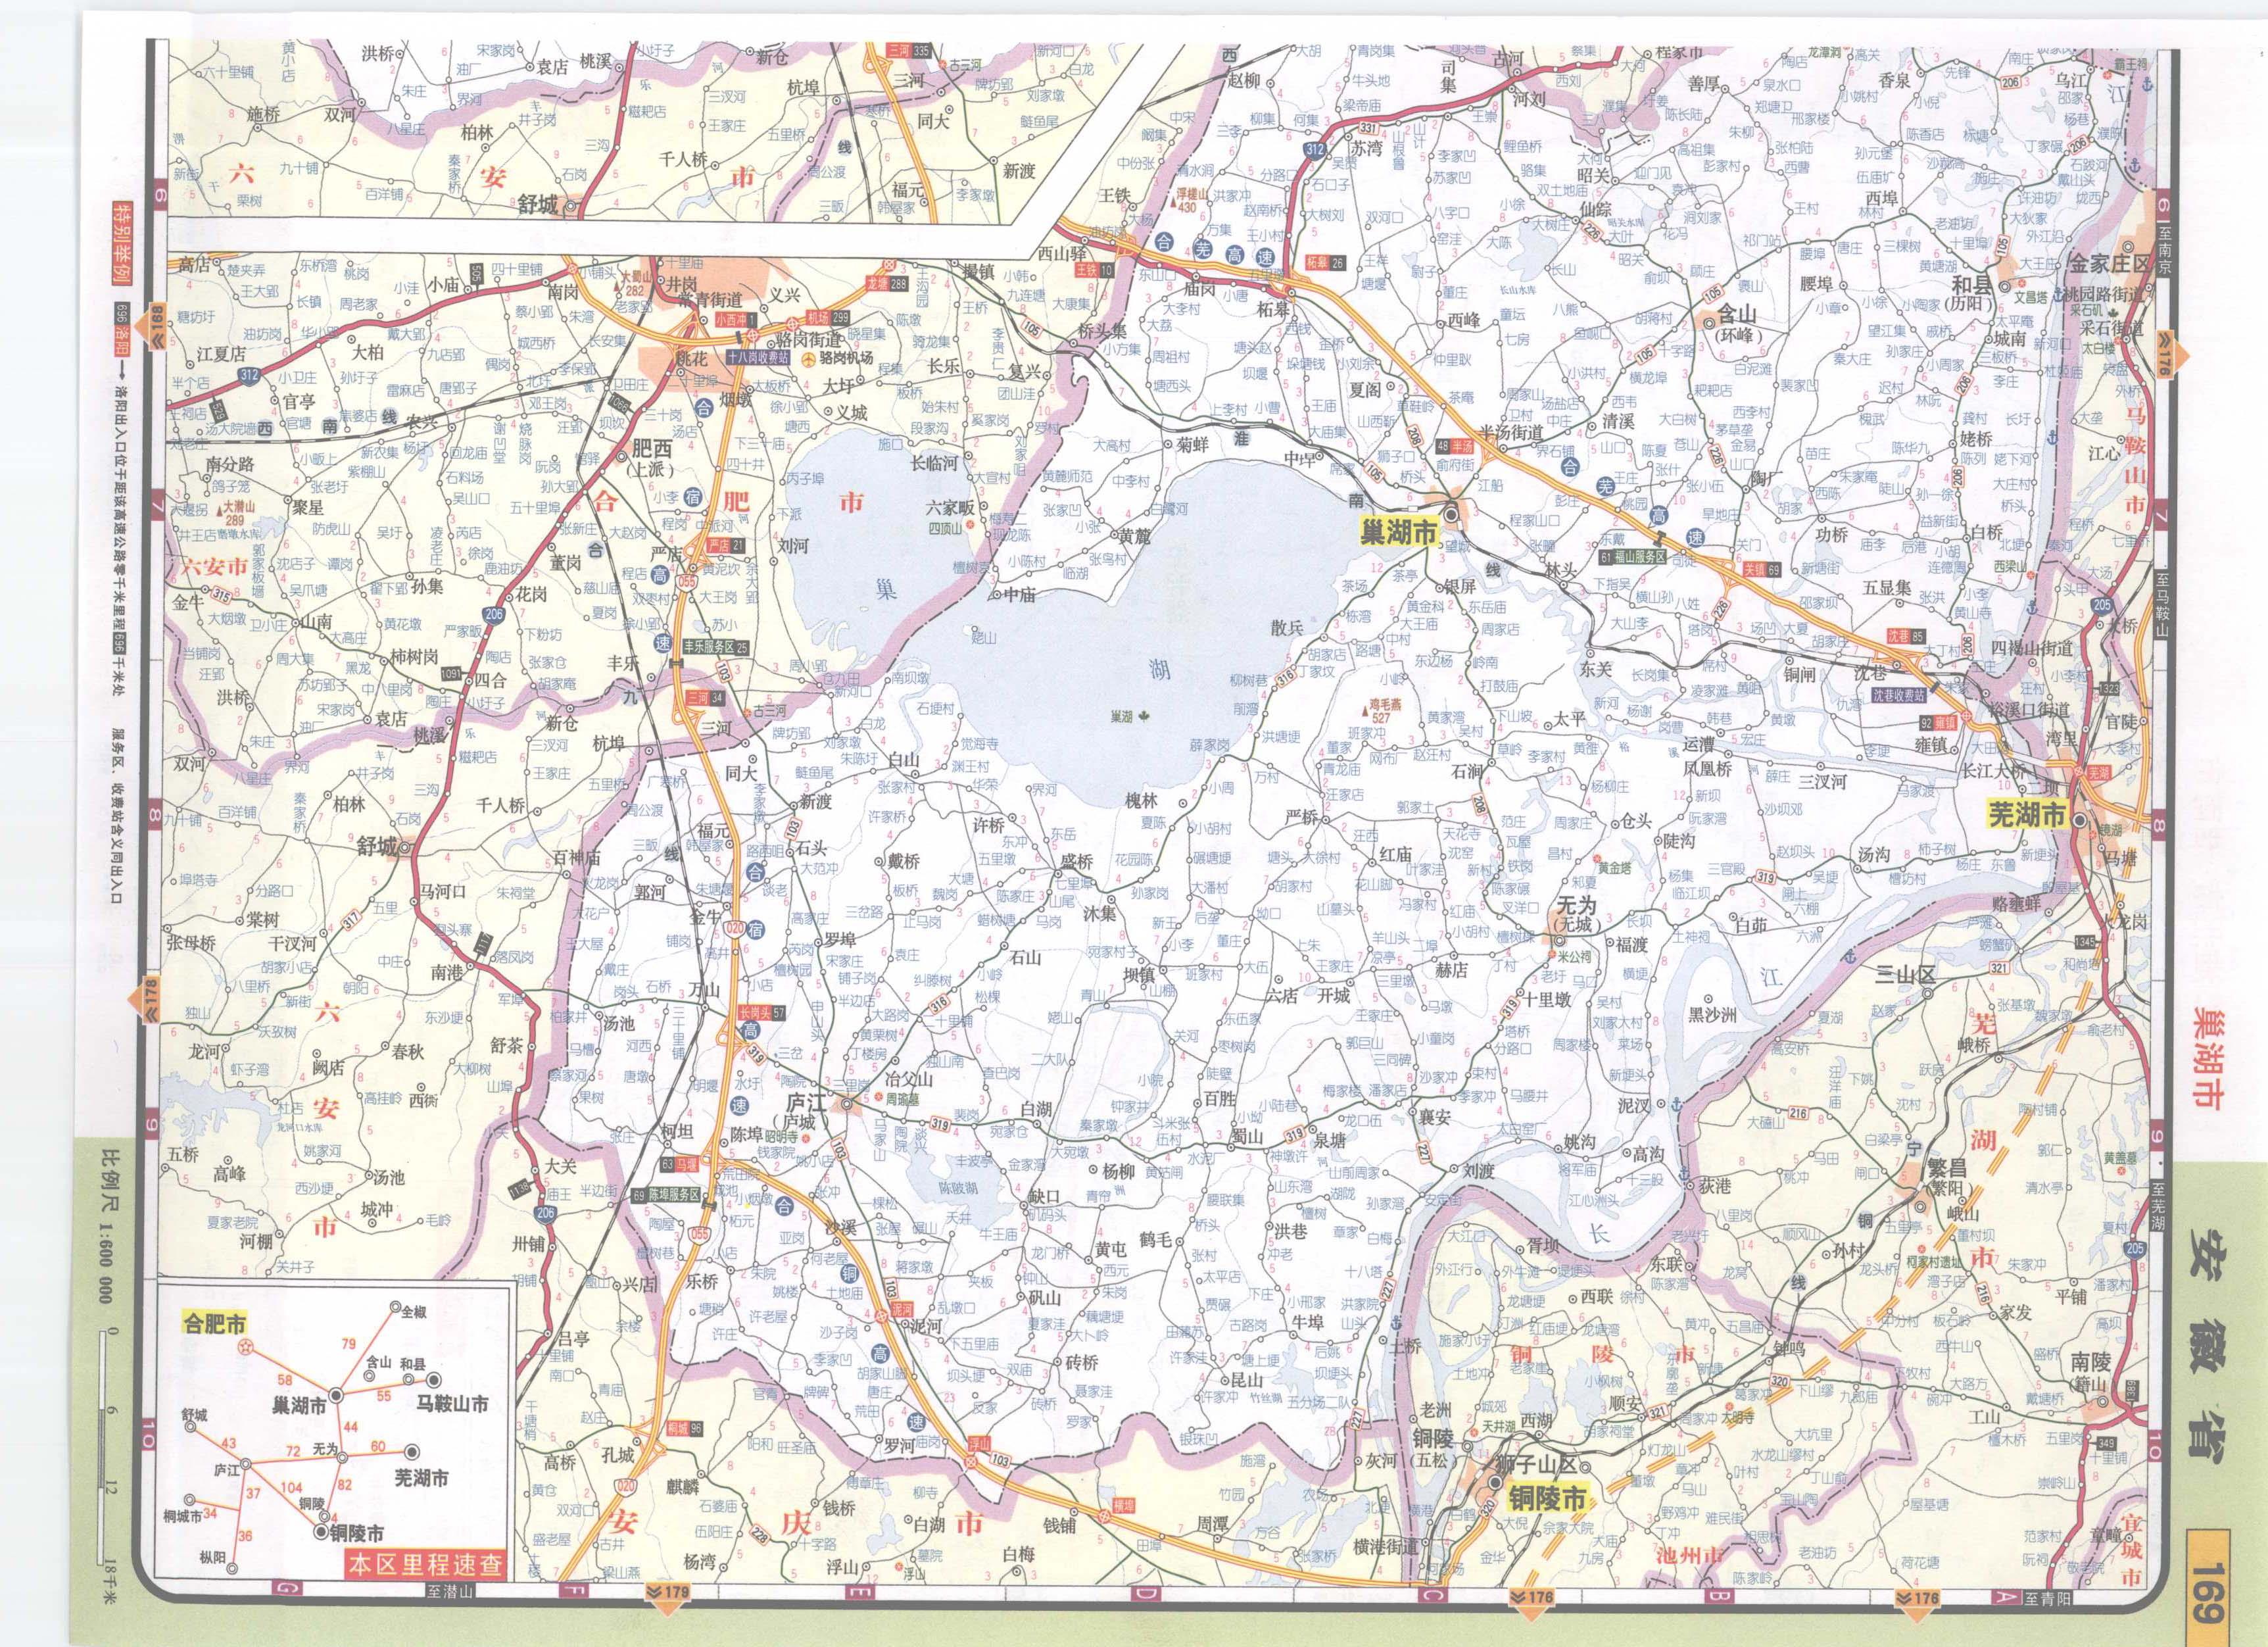 安徽省巢湖市高速公路网地图图片